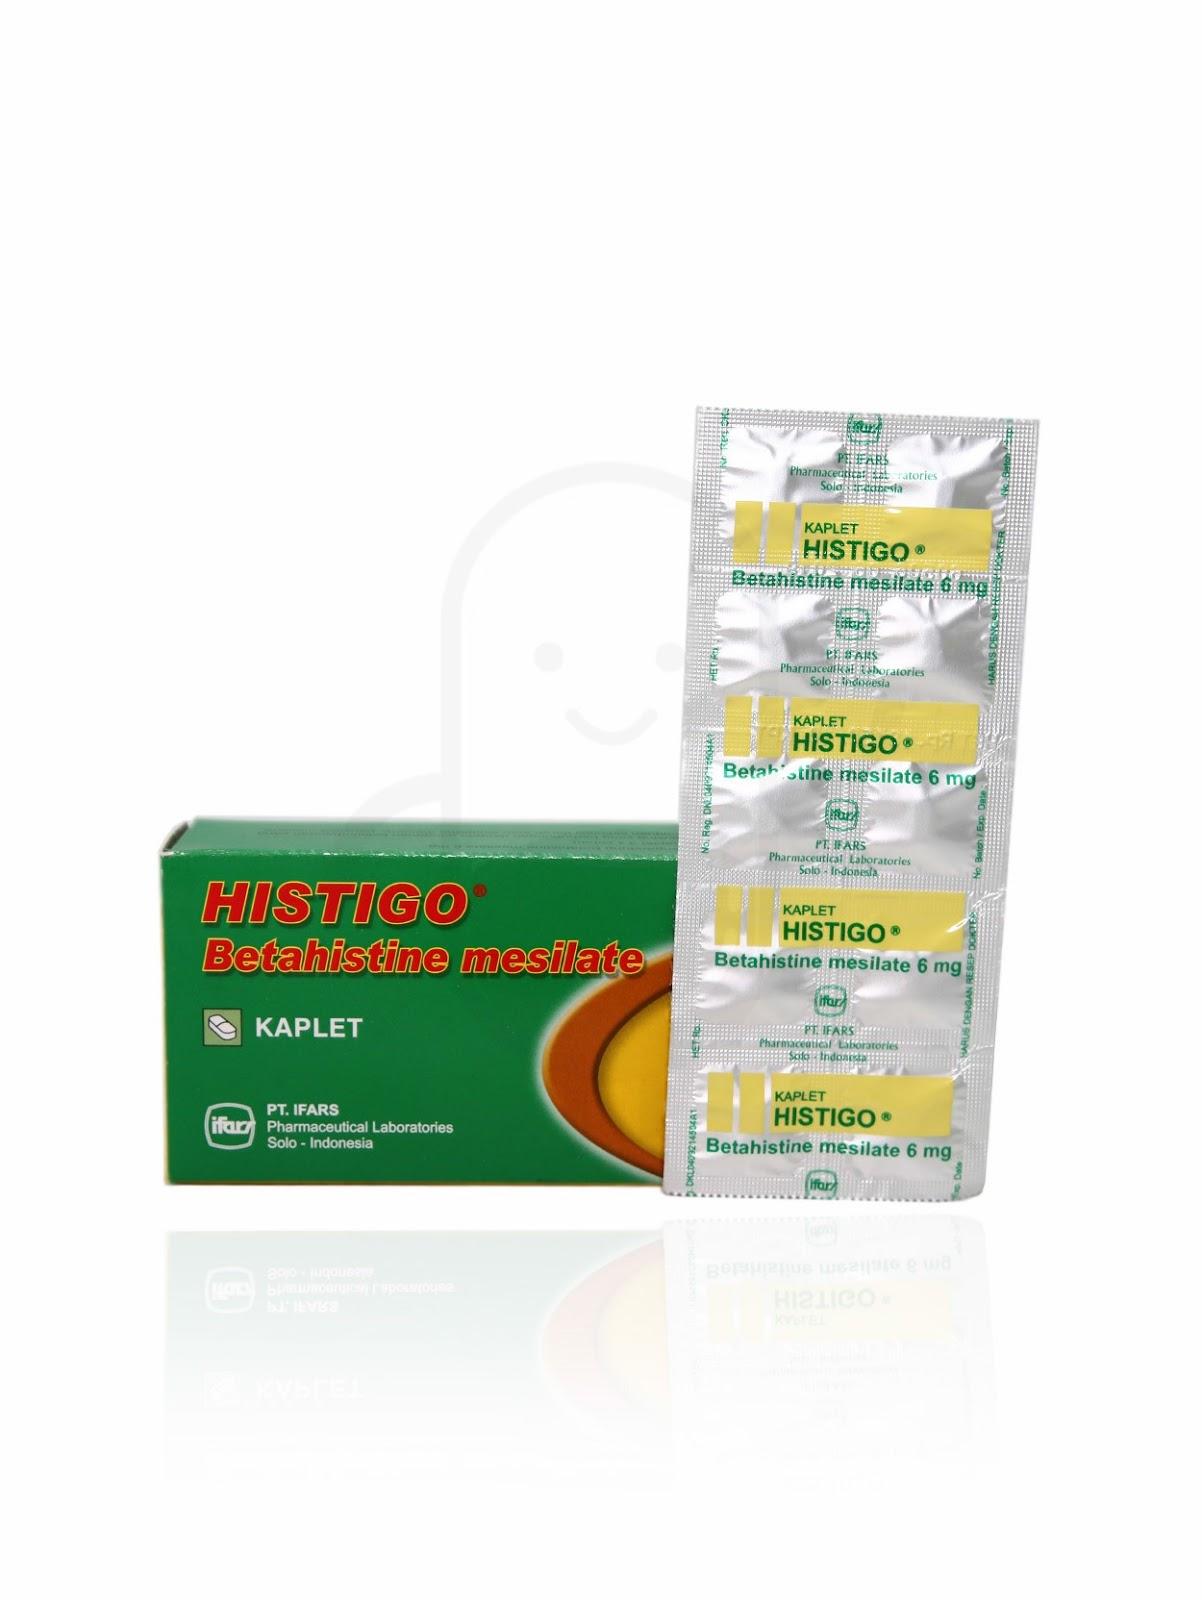 diabetes betahistine adalah obat